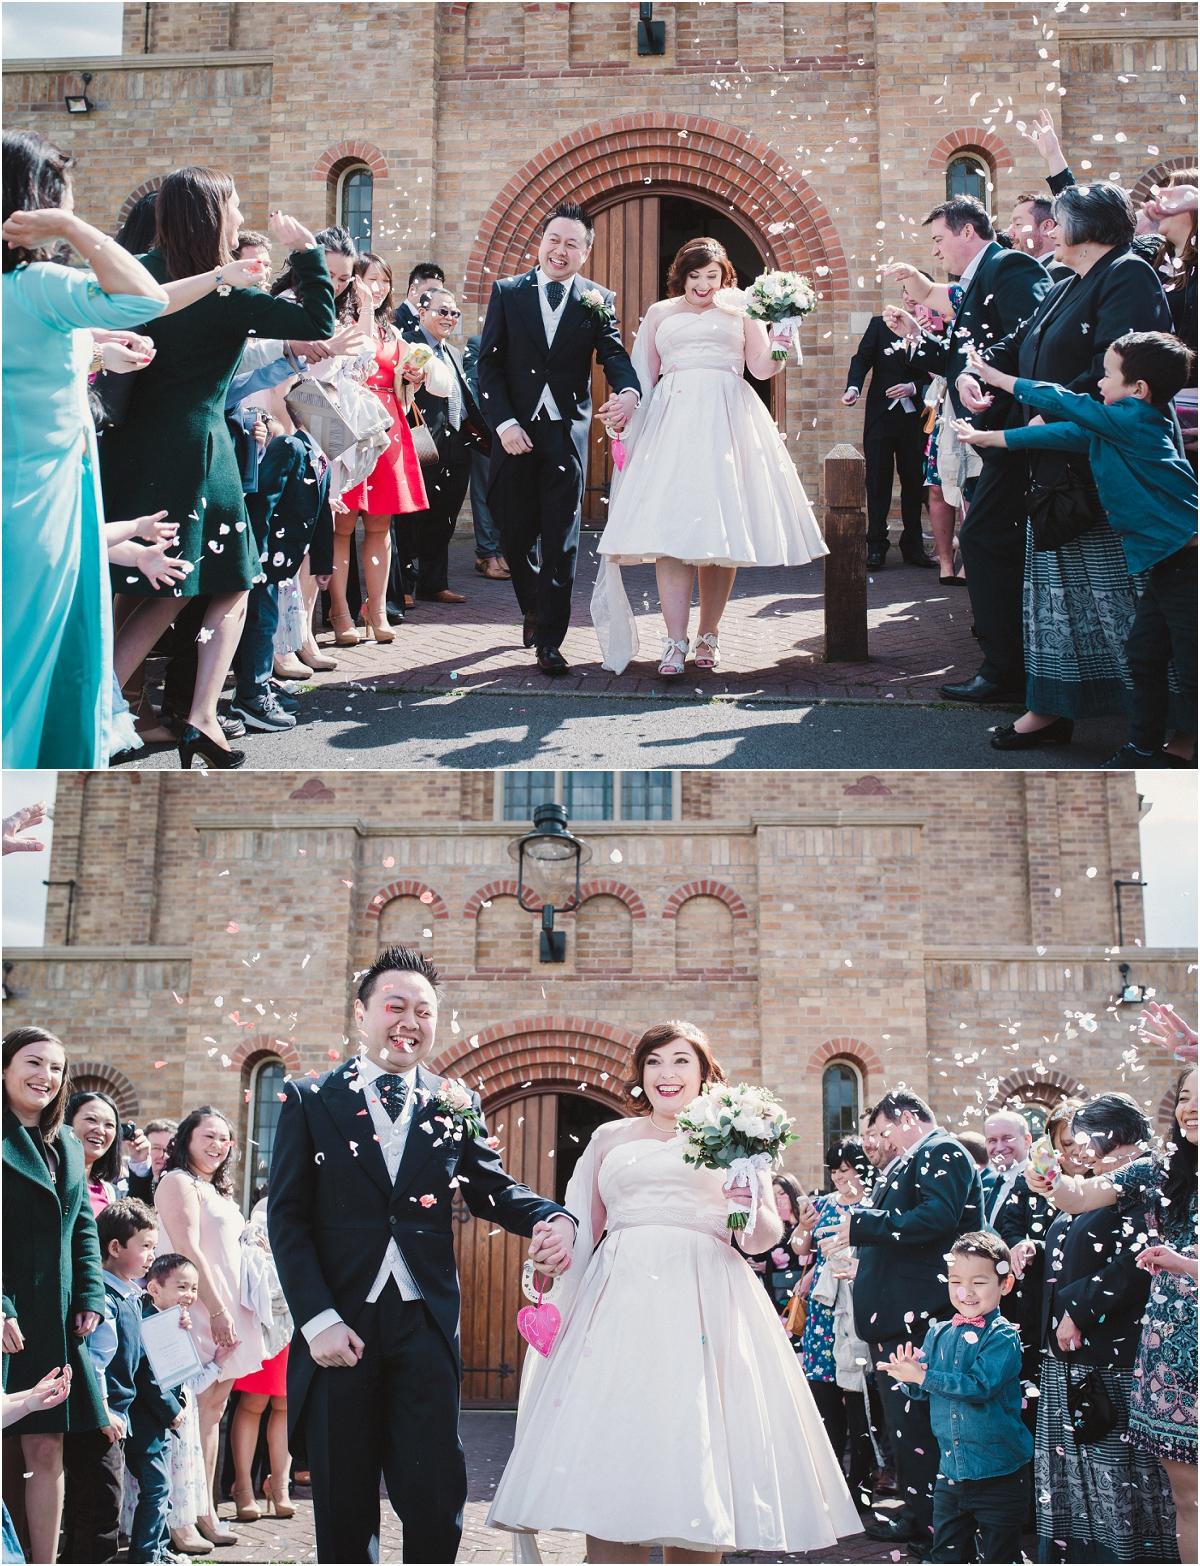 chung_ying_garden_birmingham_wedding_0036.jpg